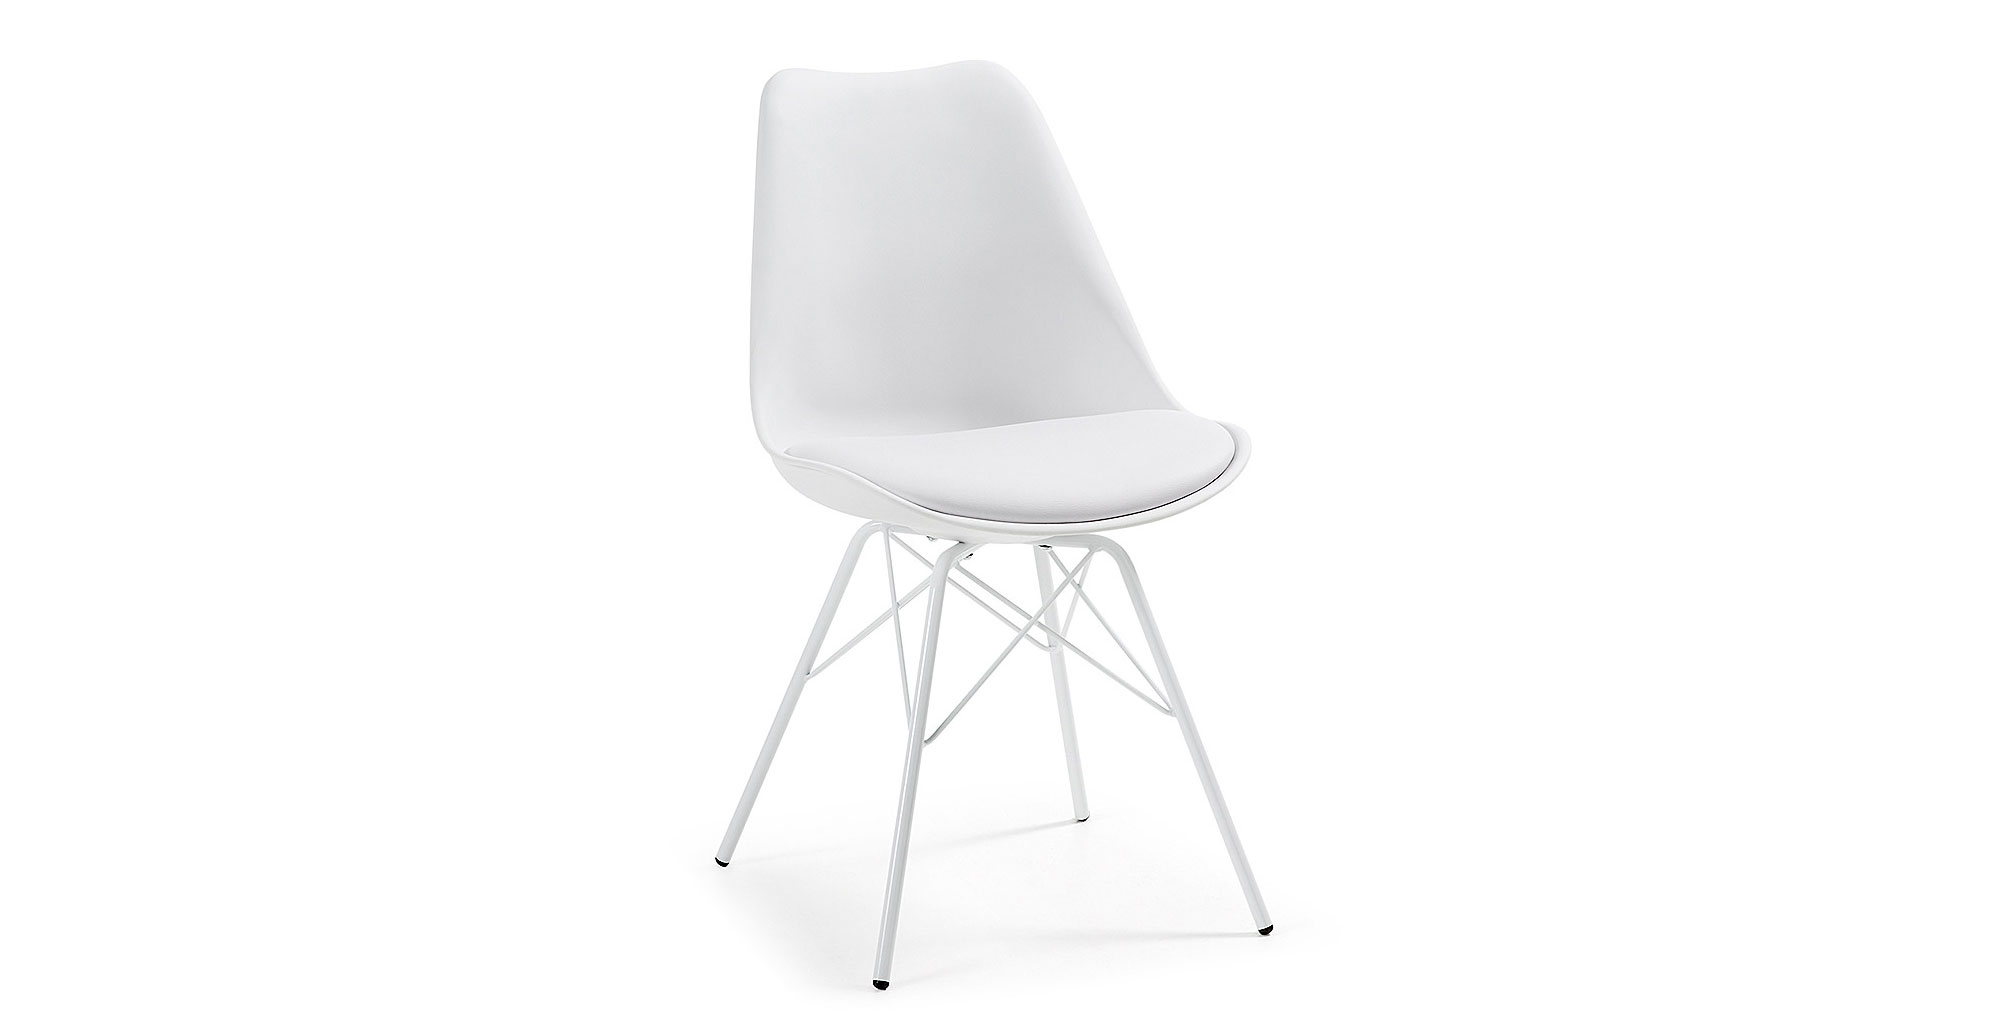 Sillas comedor blancas modernas sillas blancas de comedor for Sillas comedor tapizadas baratas